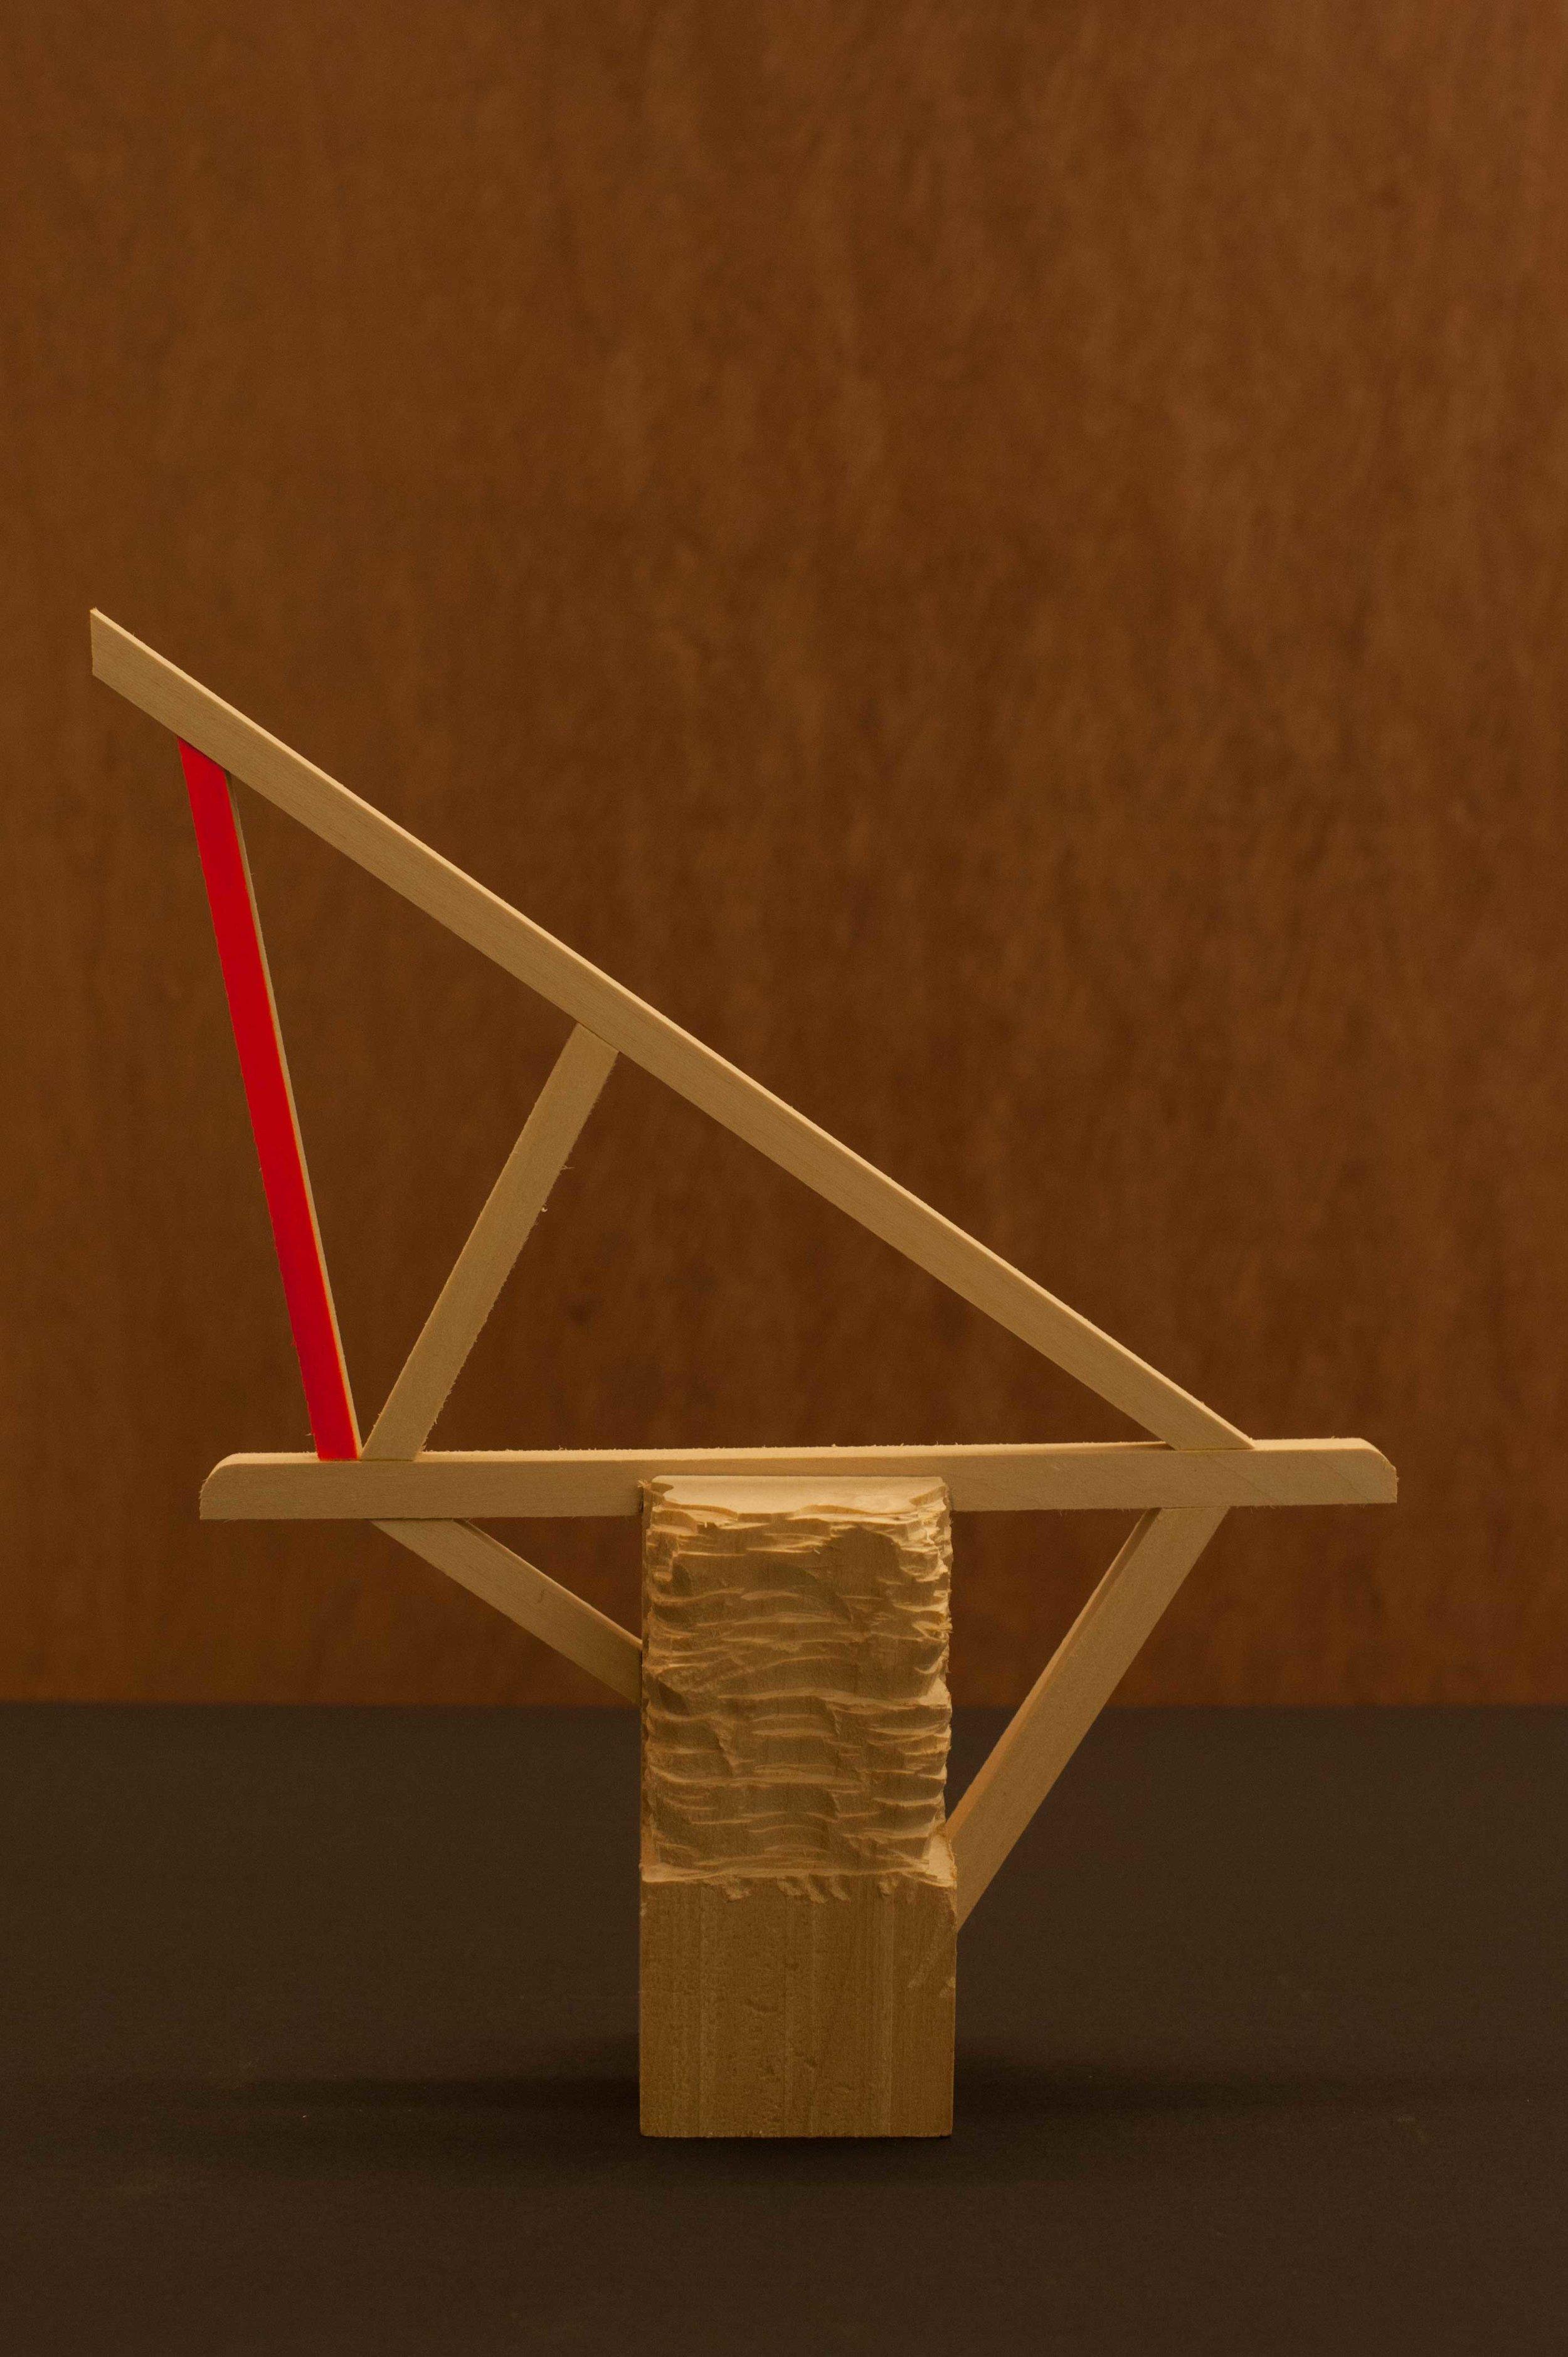 Vulture-Worship_9inx12in_Scultptural-Object_SANTIAGO.jpg